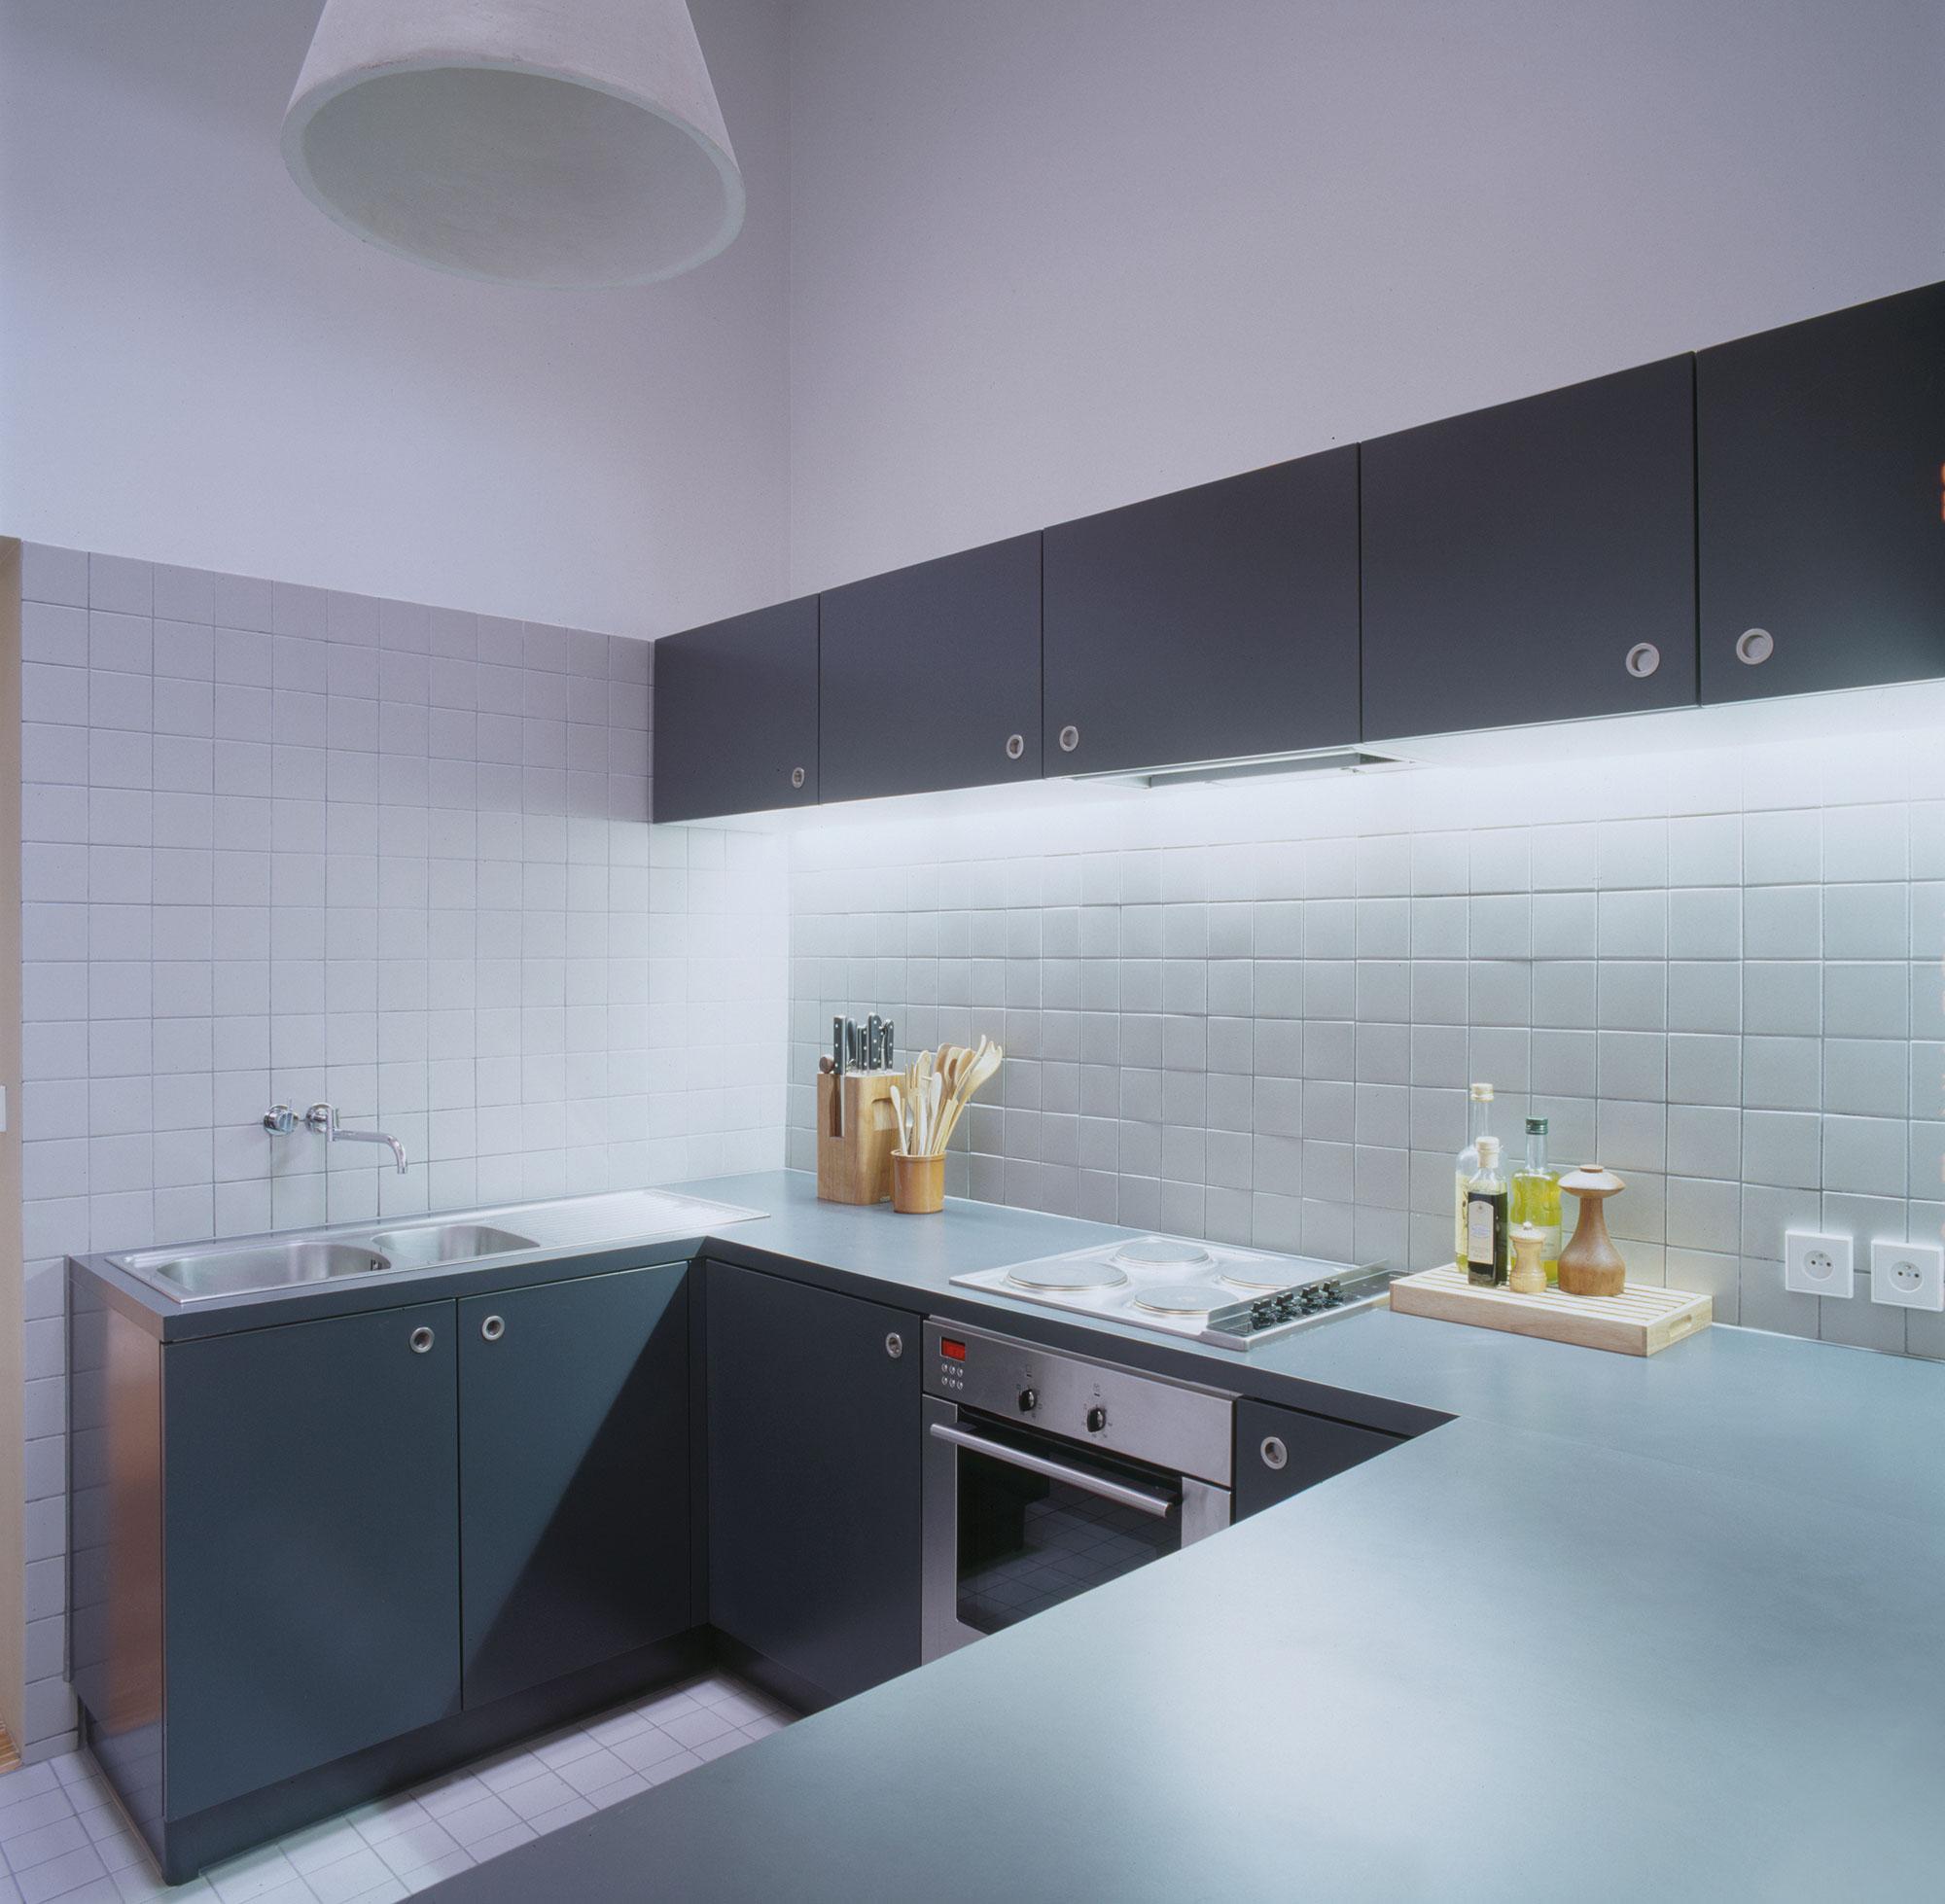 007-iria-degen-interiors-apartment-paris1.jpg